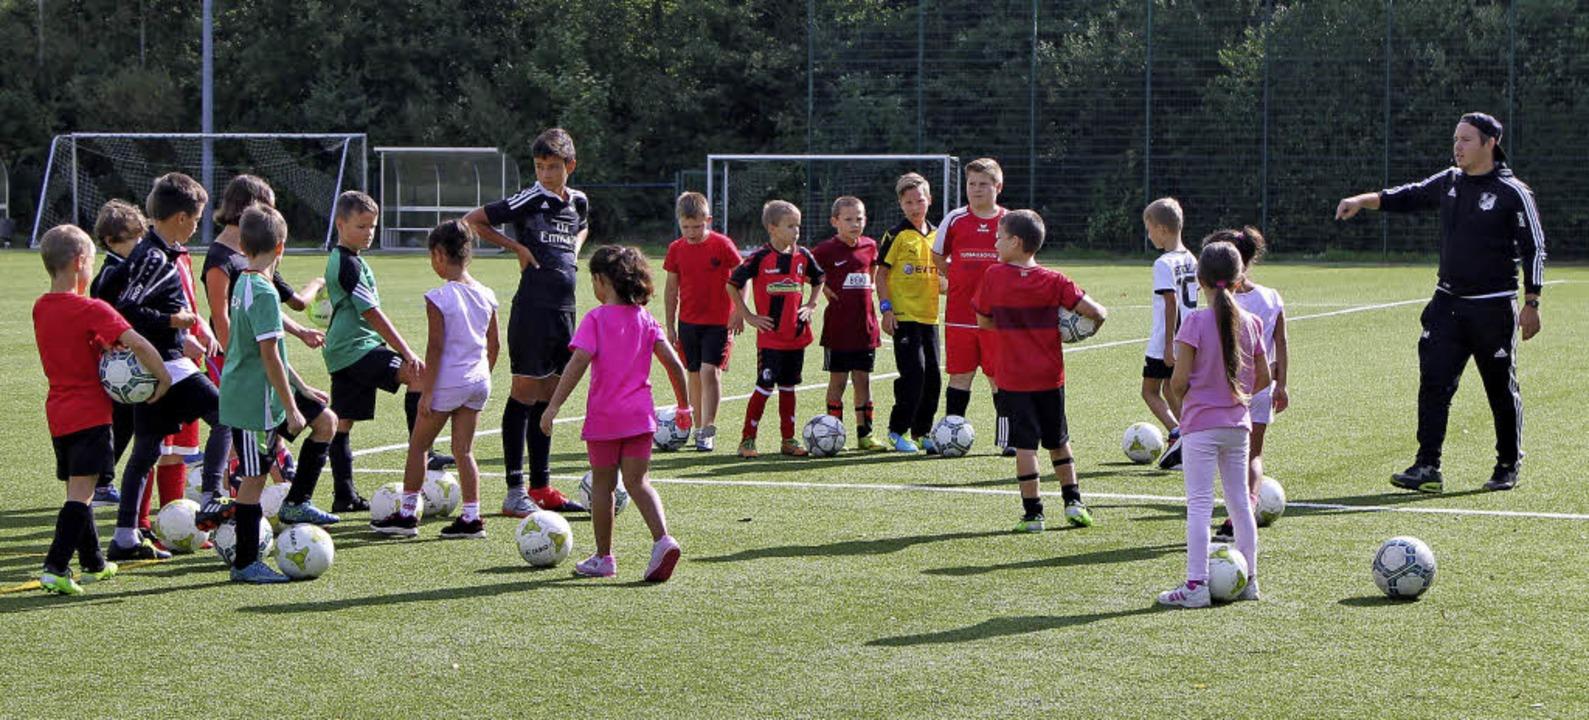 Gut Freund mit dem Fußball: Thorsten M...leitete das LaKiSo-Angebot des SV 08.   | Foto: Michelle Güntert